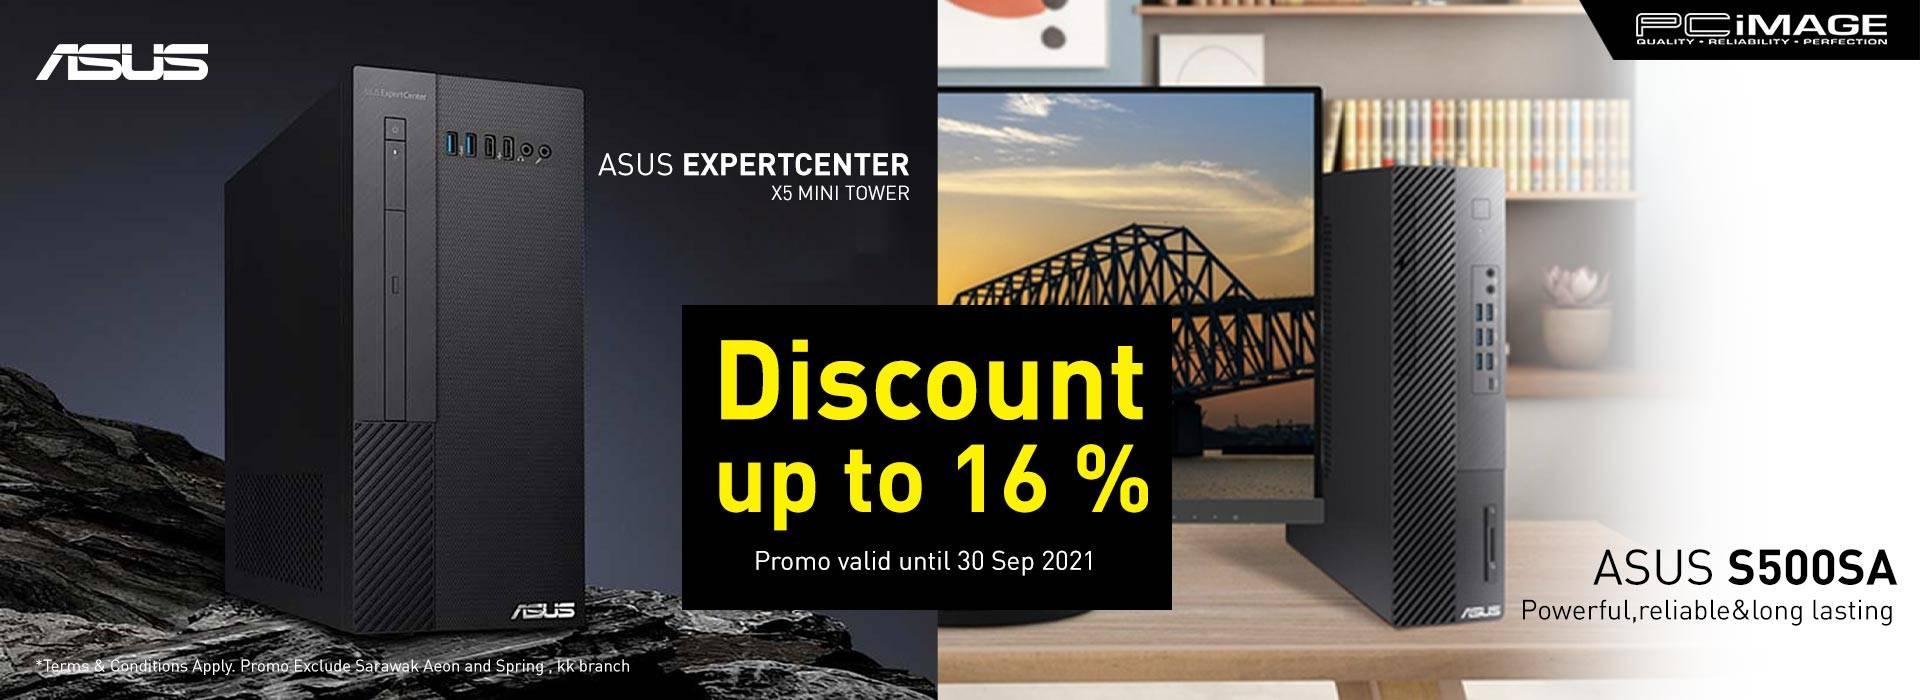 Asus Desktop Promo 30 Sep